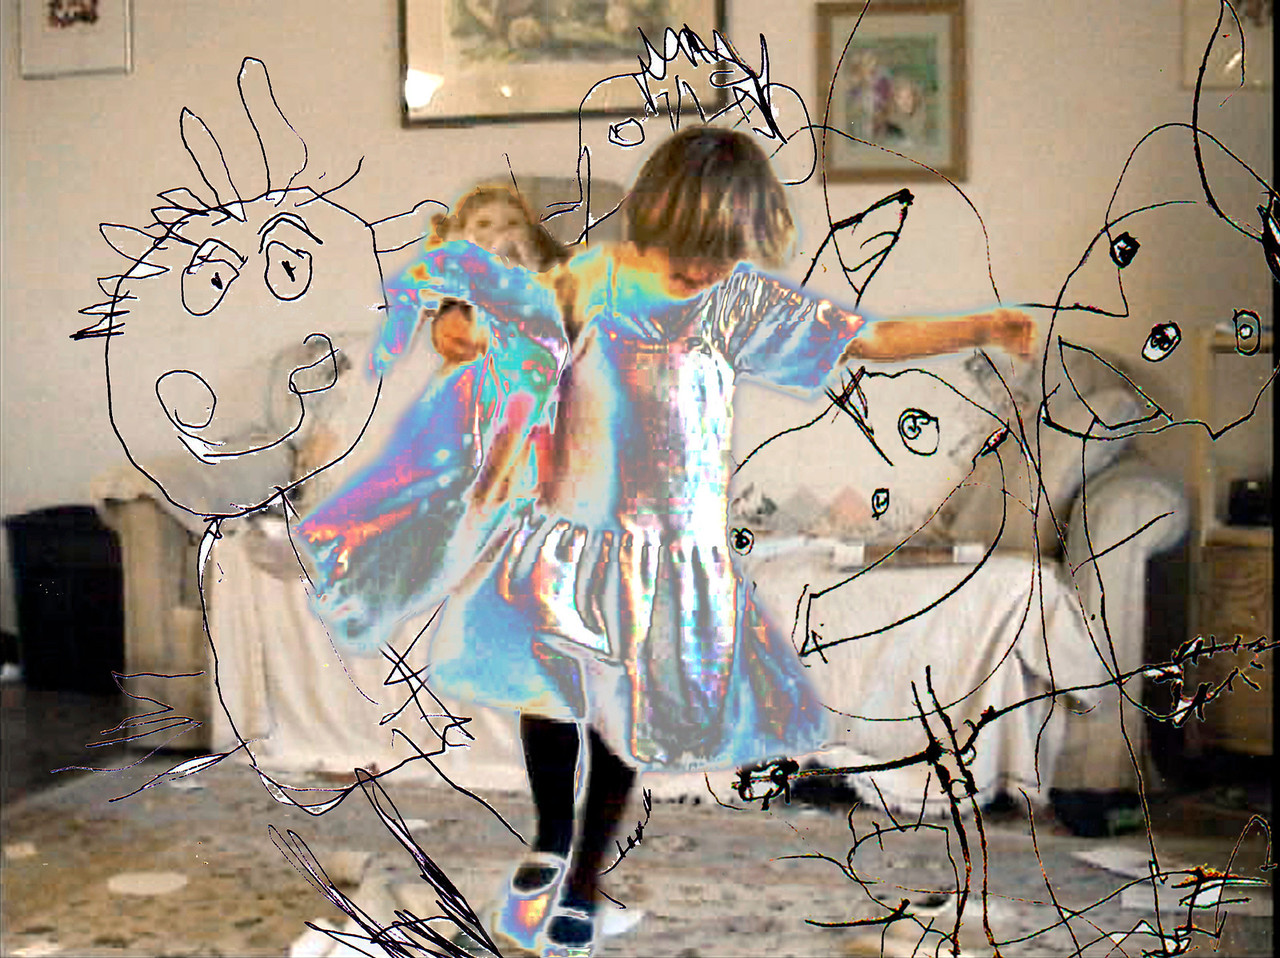 Little Dancer, Pixels and Pixies